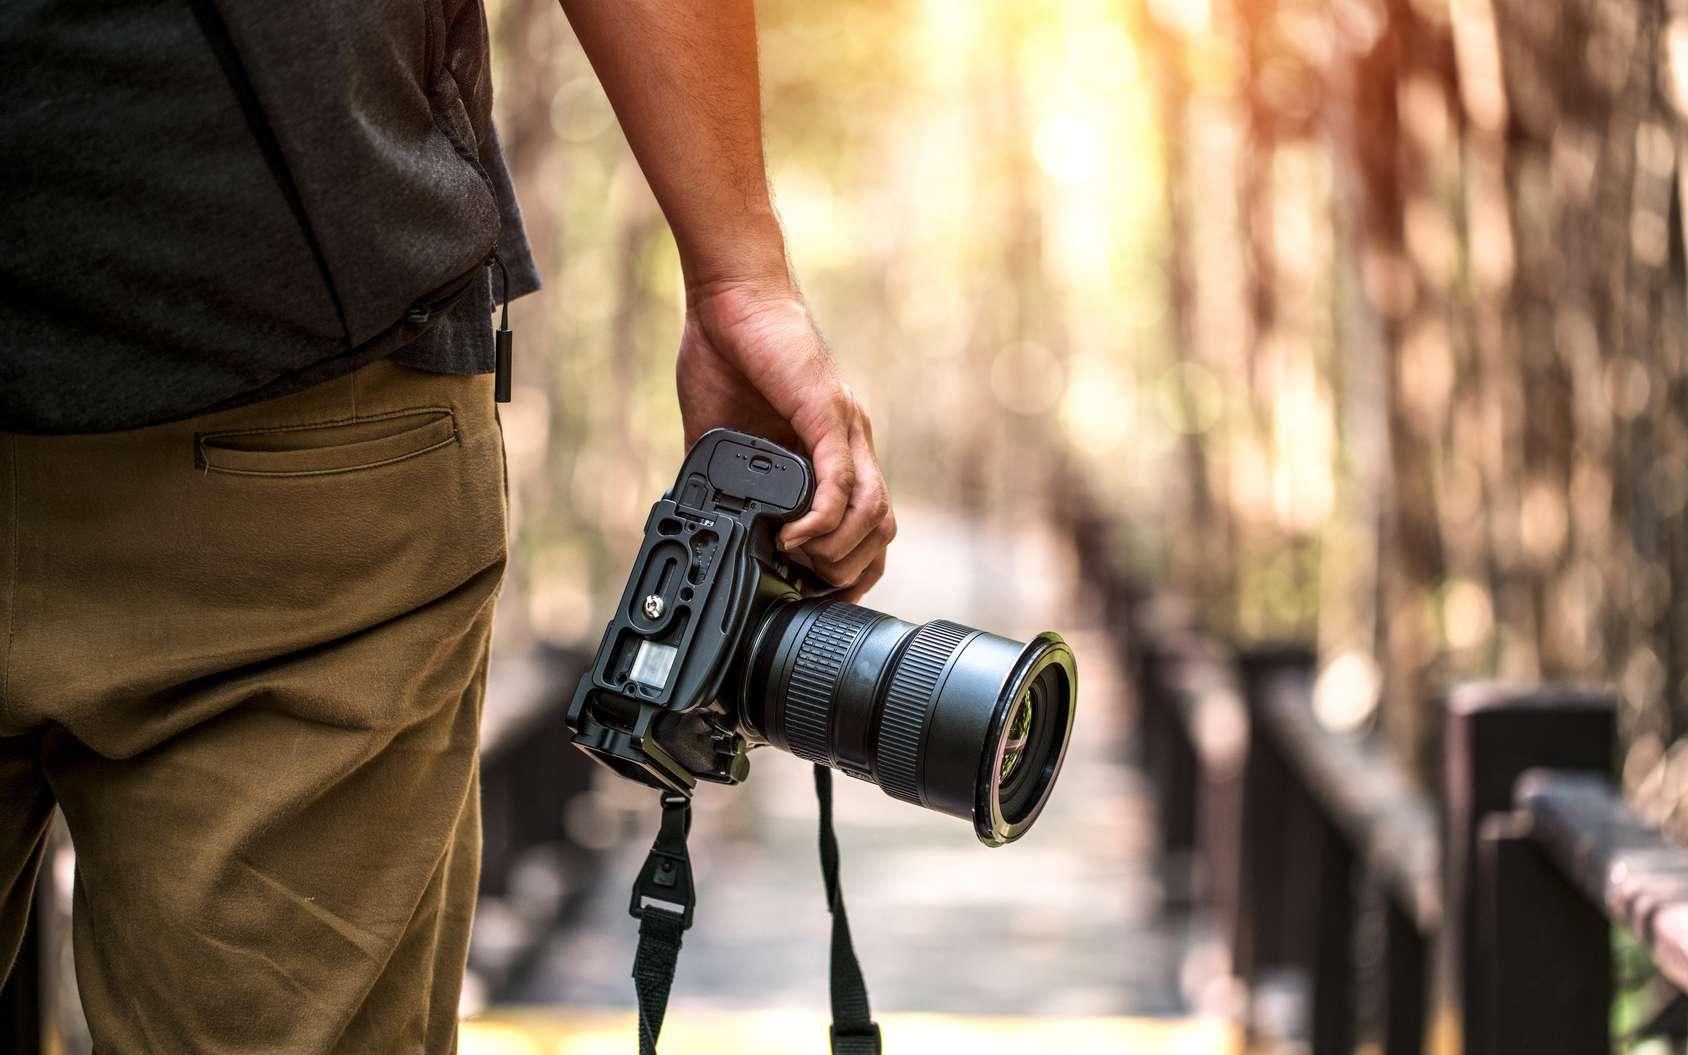 Quelques conseils en photographie pour bien débuter et réussir vos photos. © Witthaya, fotolia